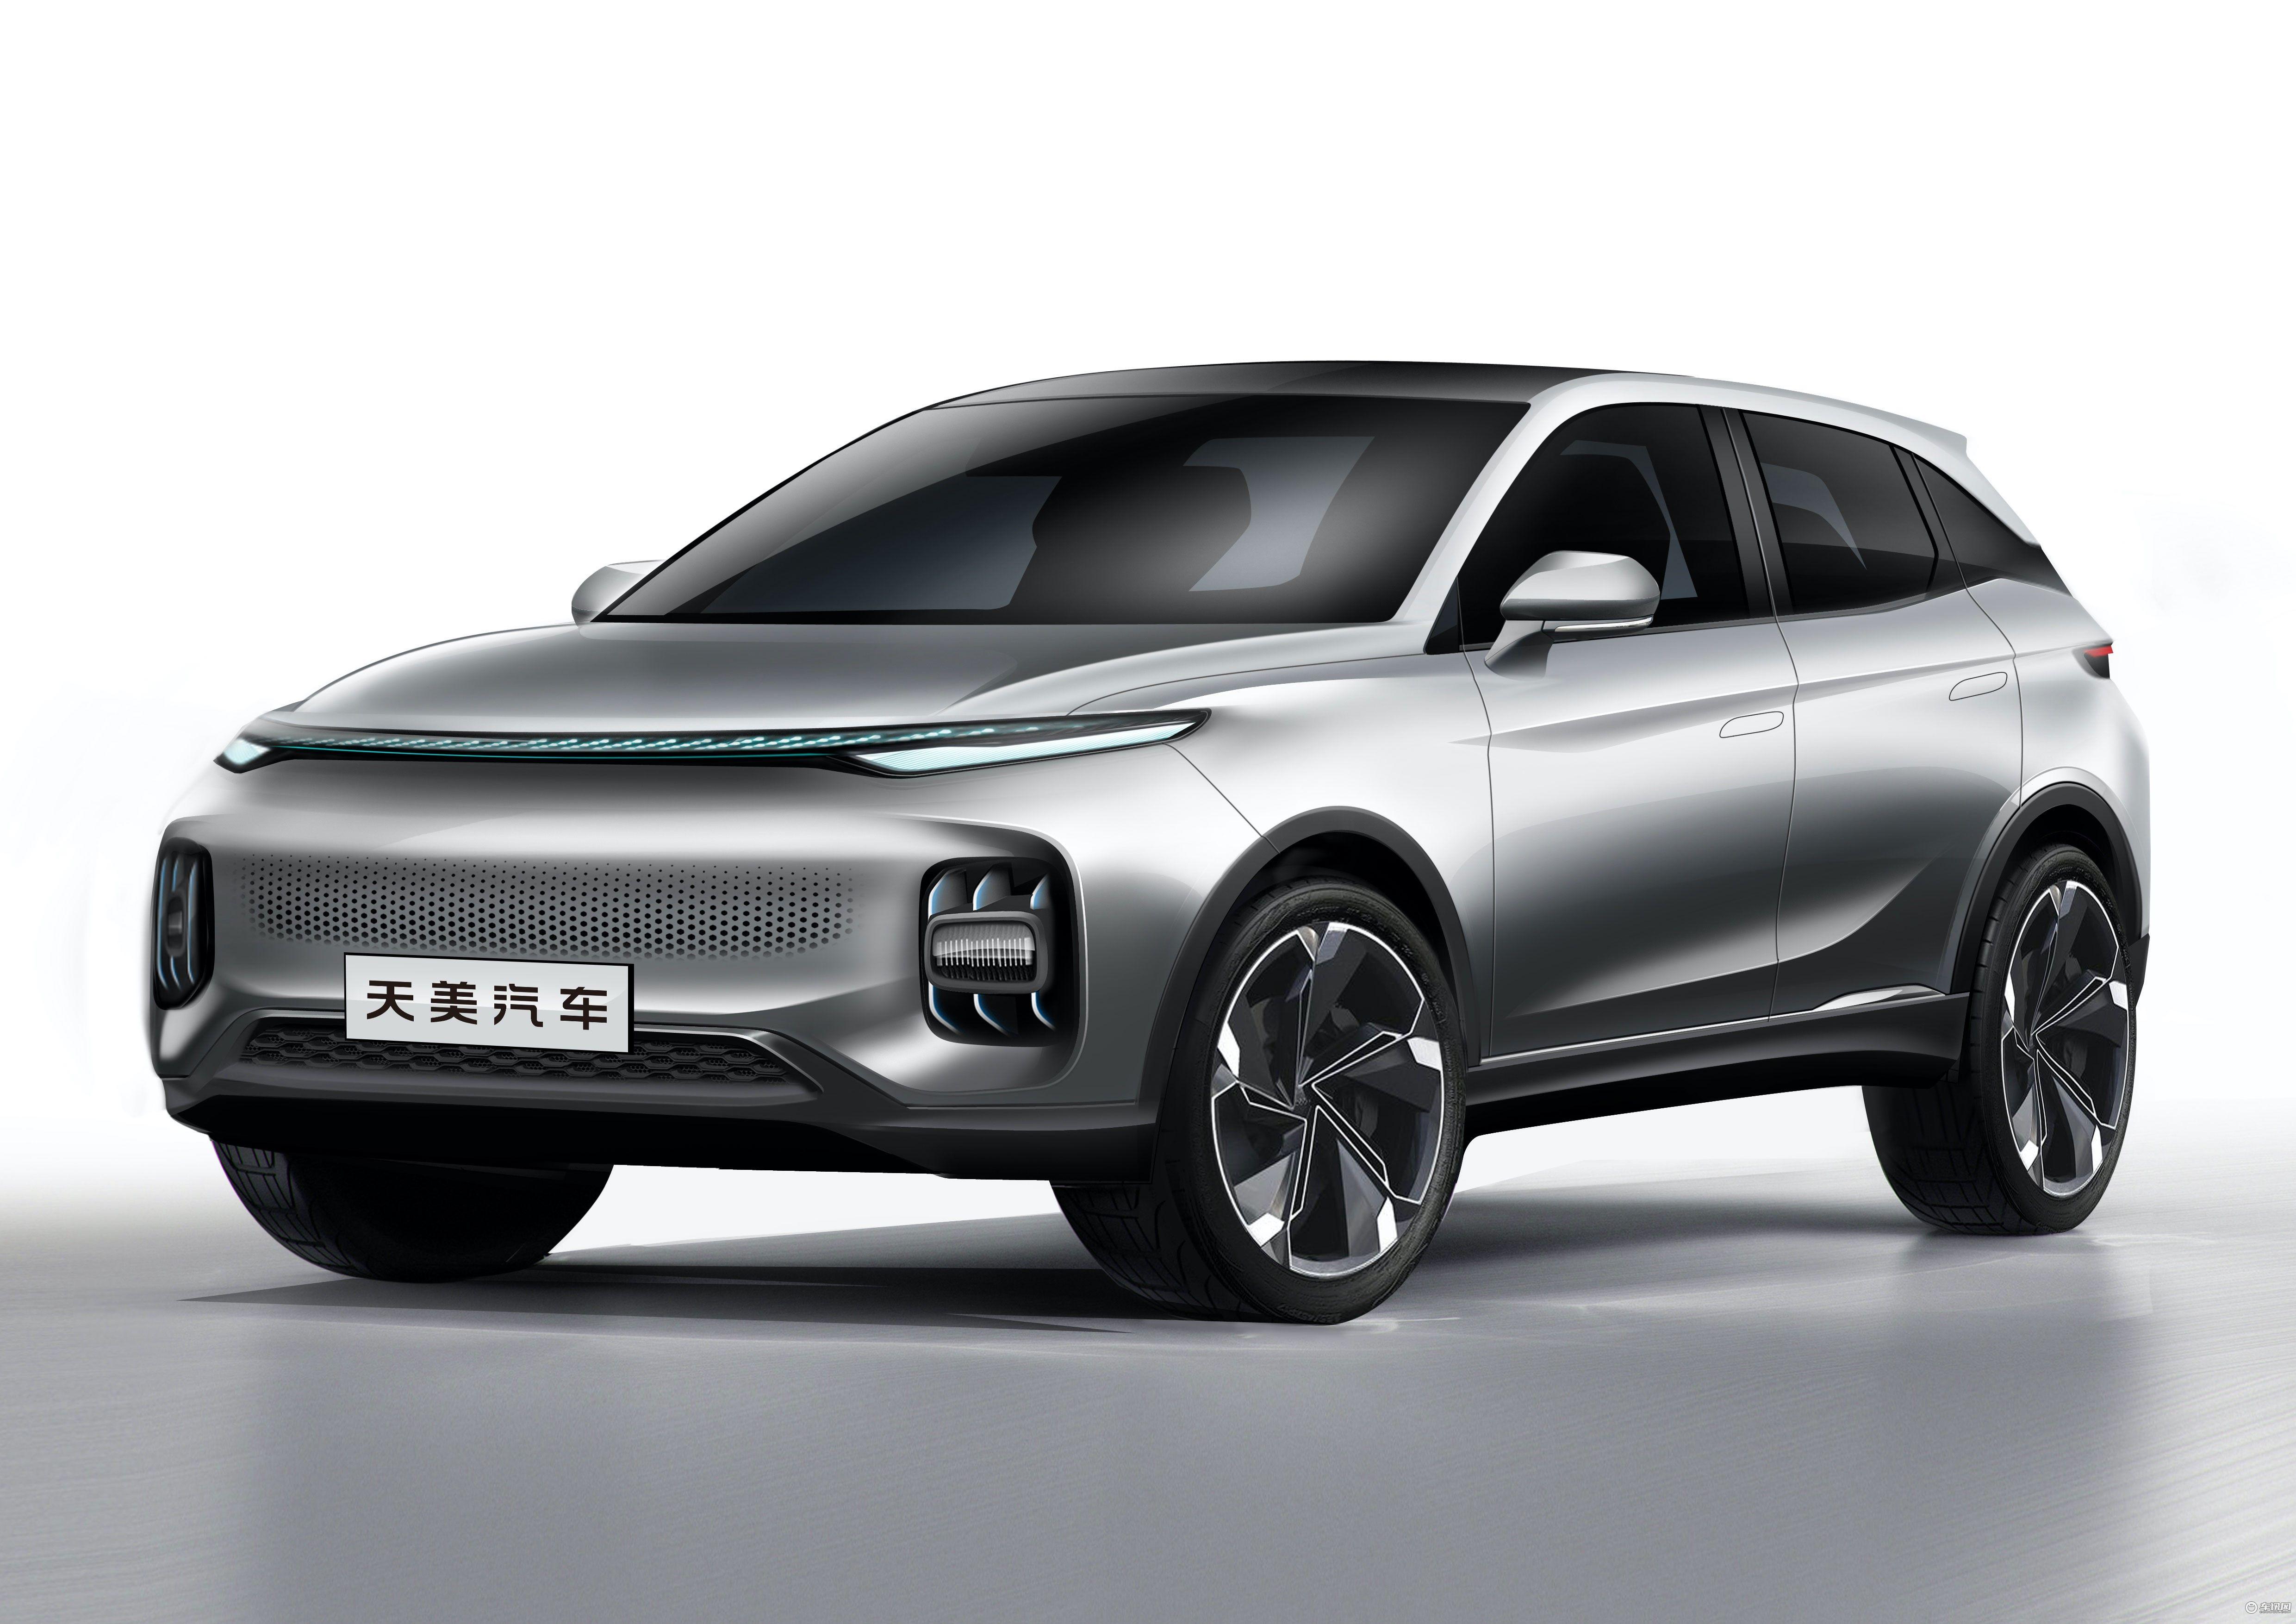 造車新品牌又添一員 天美汽車發布車標和首款車型